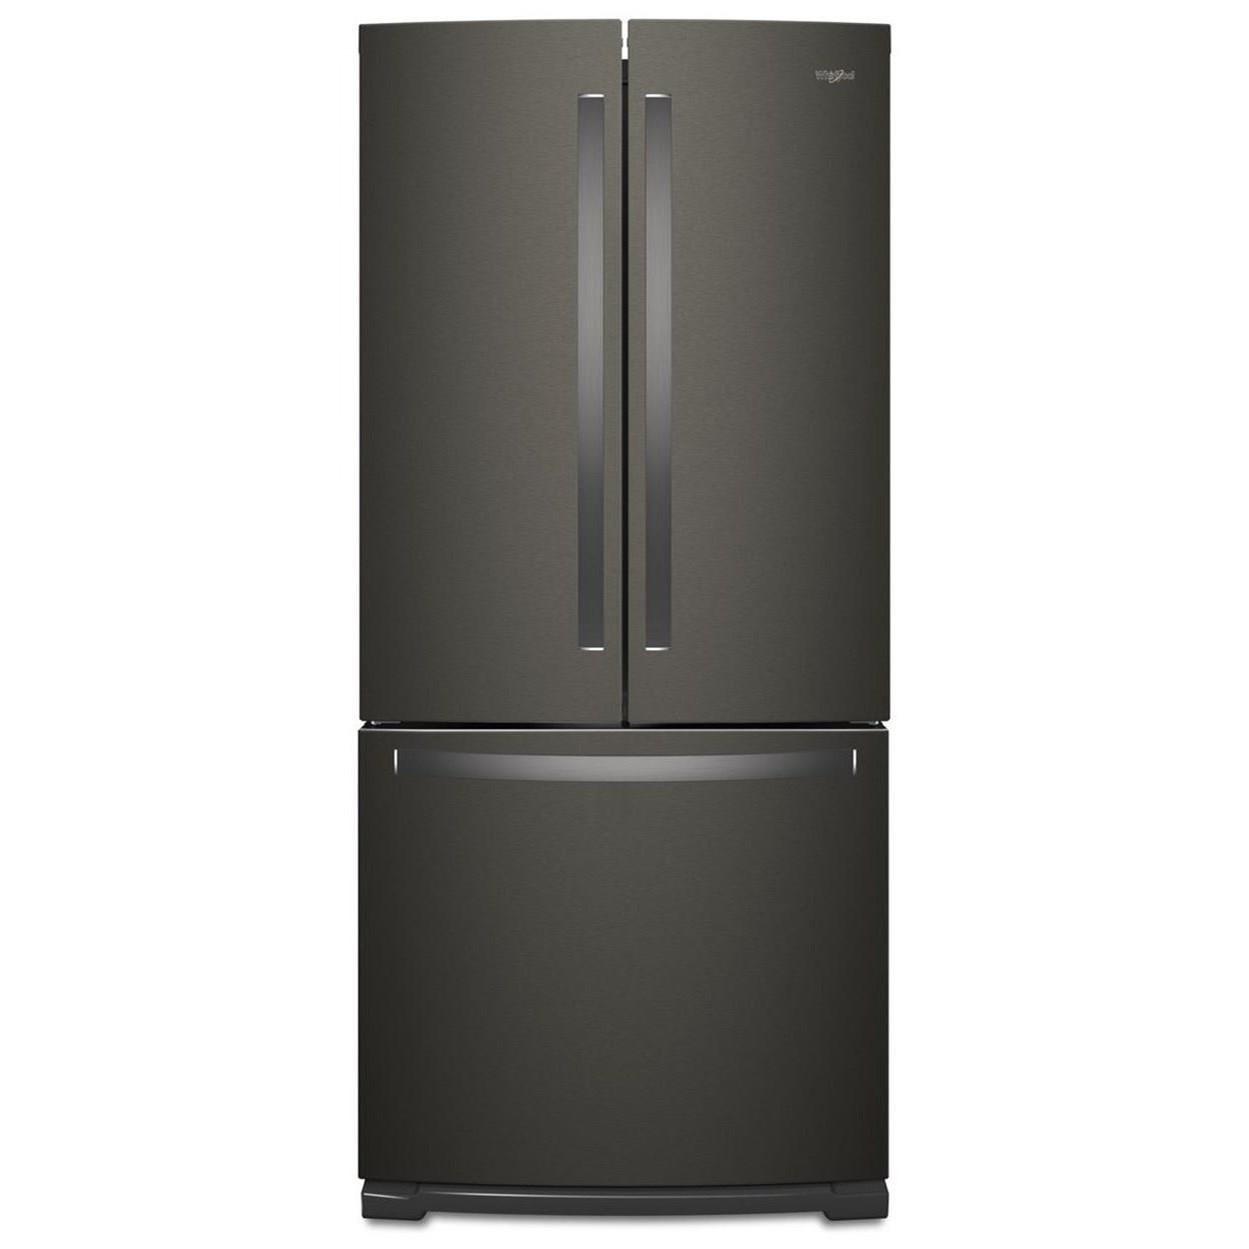 Whirlpool French Door Refrigerators 30 Inch Wide French Door Refrigerator    20 Cu. Ft